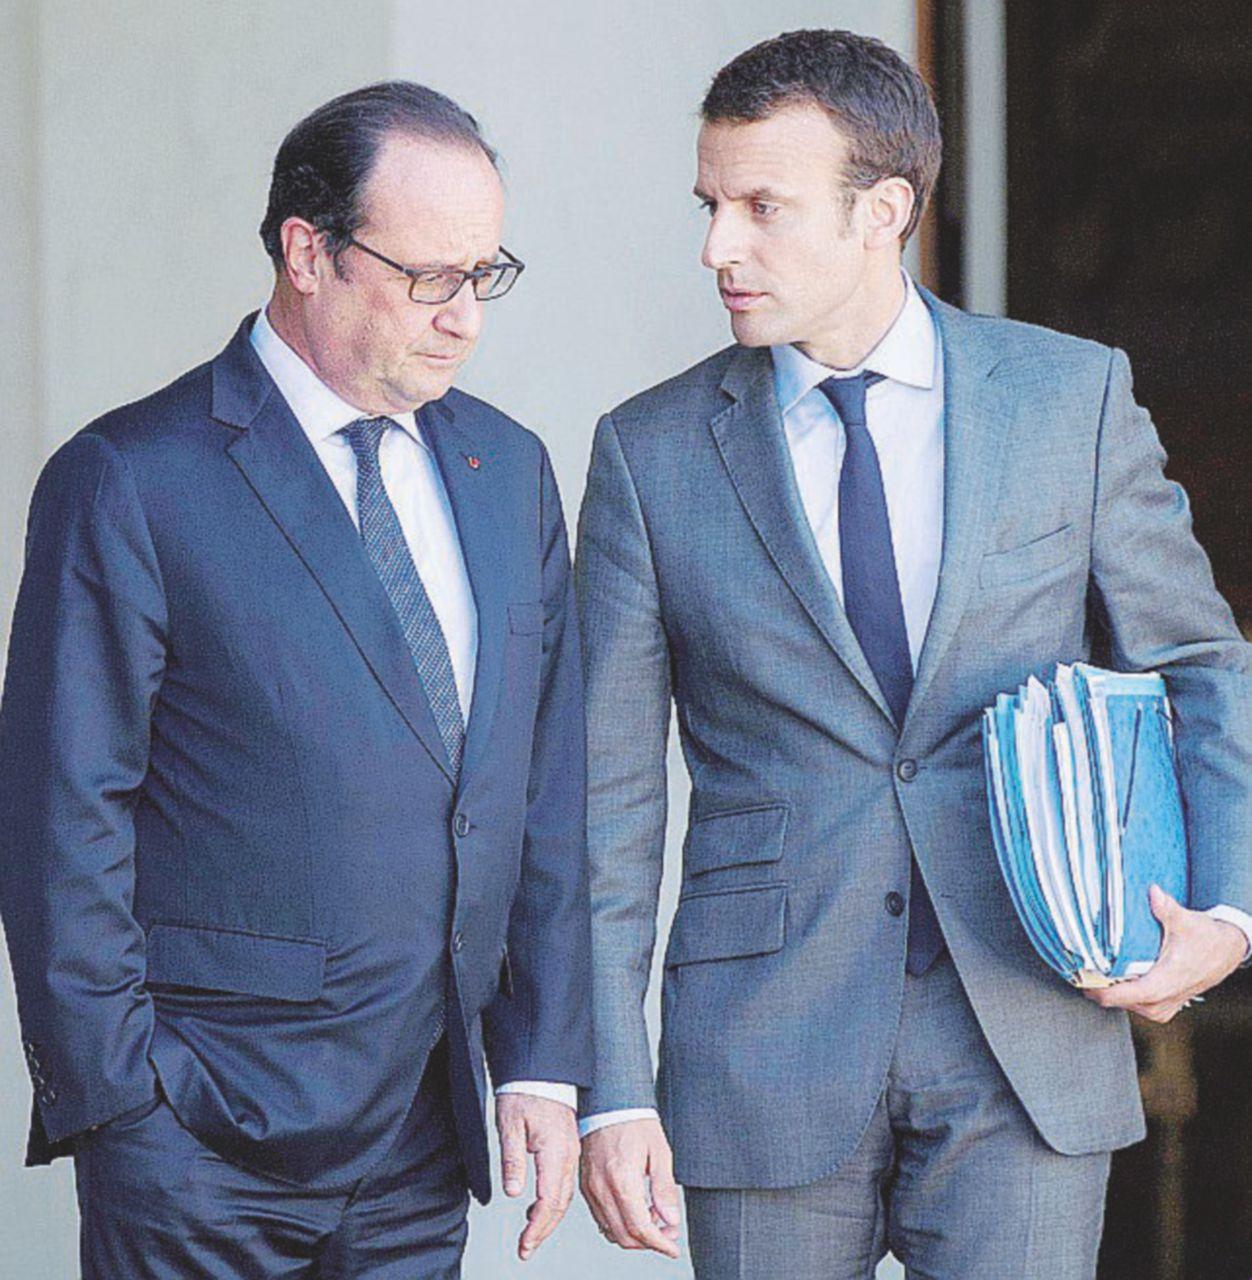 Giustizia & mediocrità anche Parigi si prepara alle elezioni più pazze